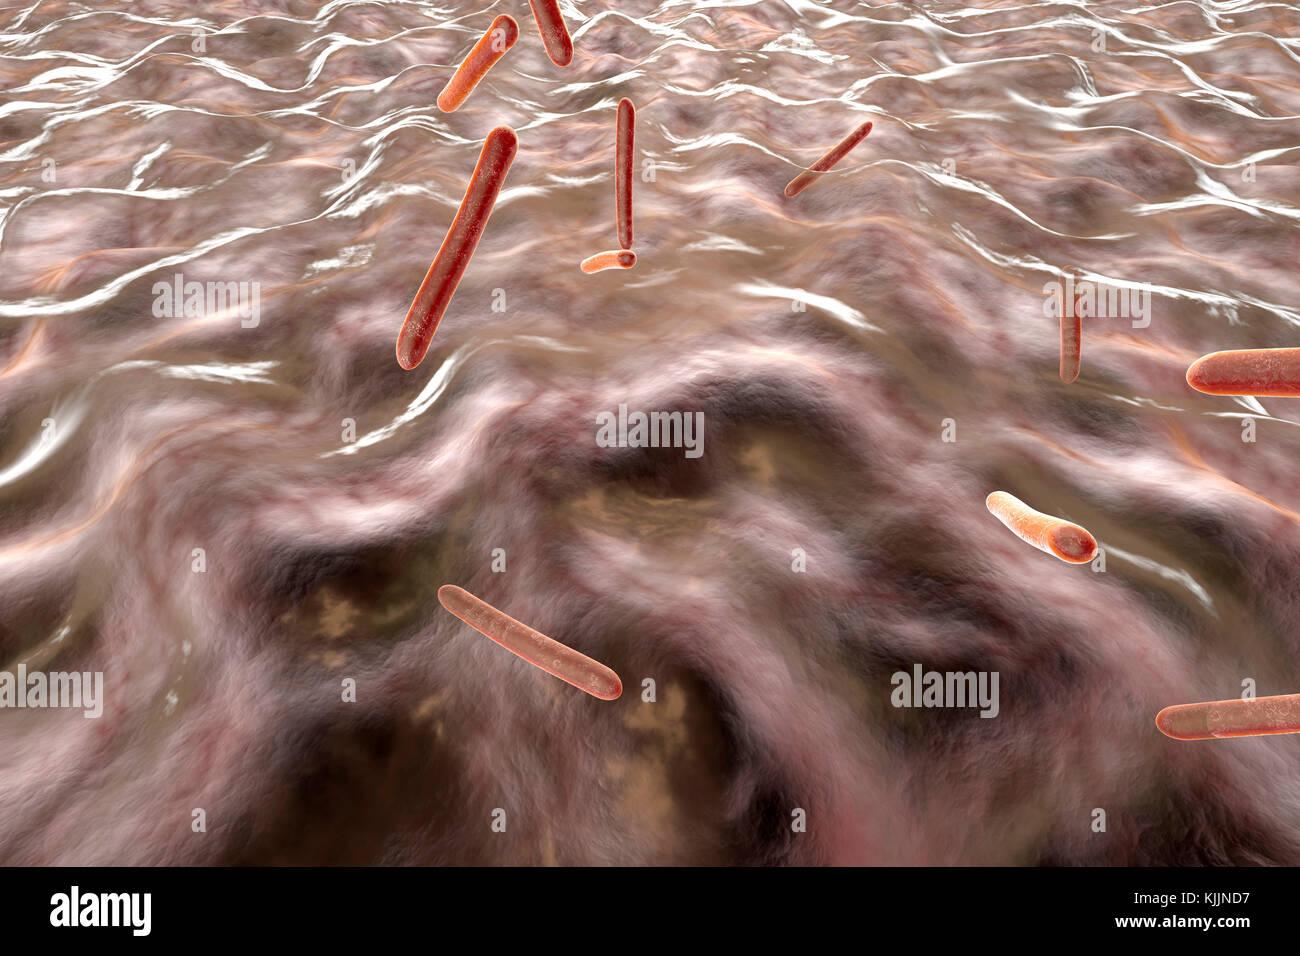 Gerenderten 3D-Illustration, Visualisierung von Tuberkulose Bakterien in einen Organismus Stockbild